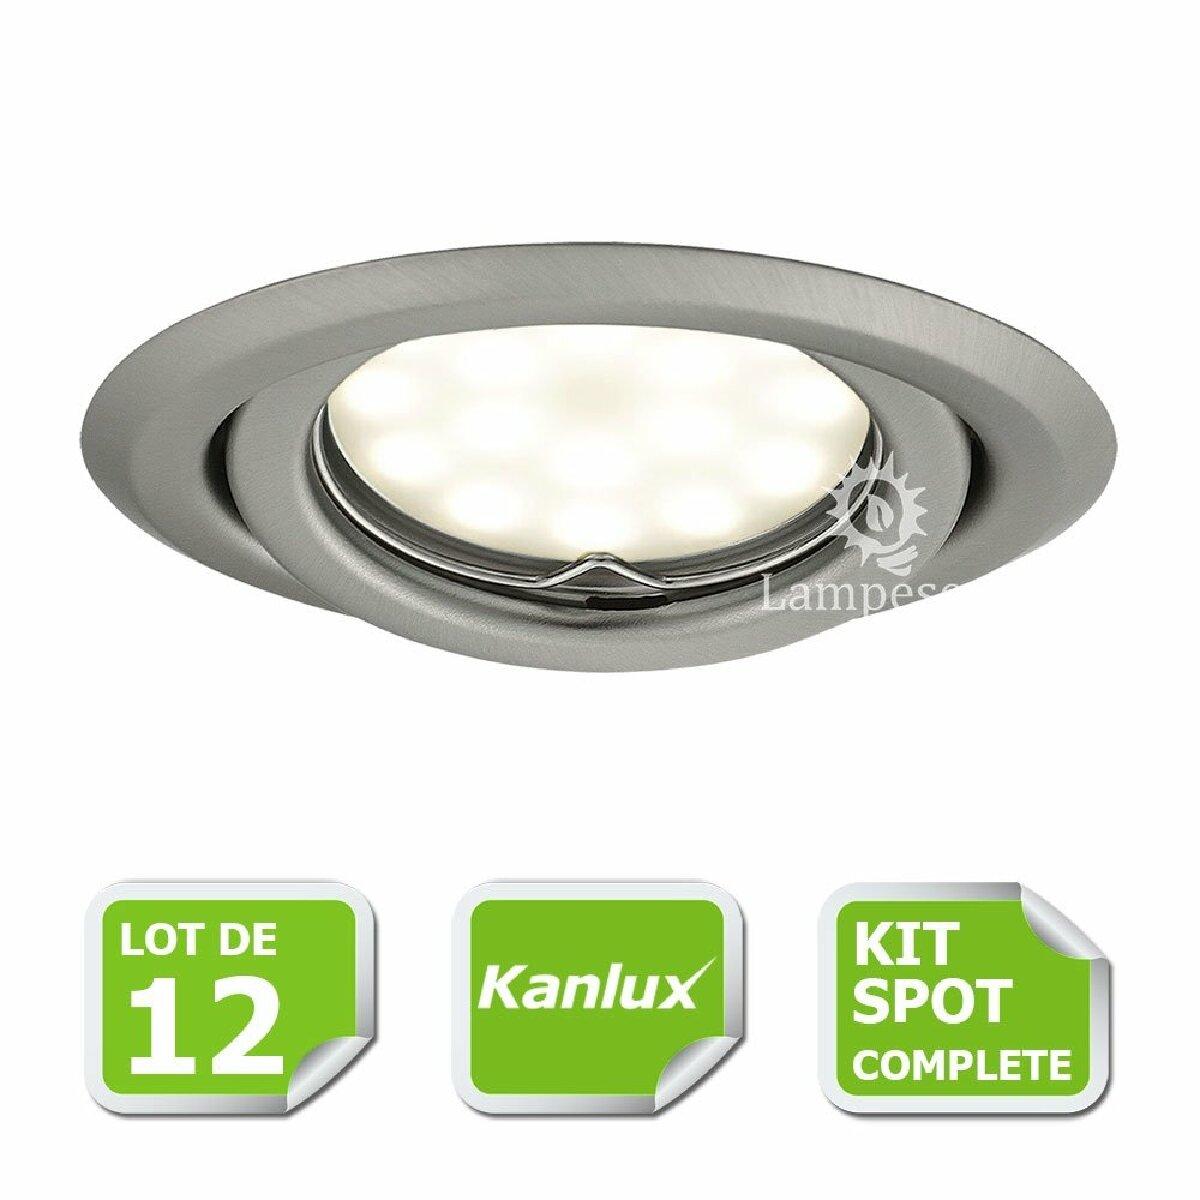 Kanlux Kit complete de 12 Spots encastrable chrome mat orientable marque Kanlux avec GU10 LED 5W 3000K blanc chaud